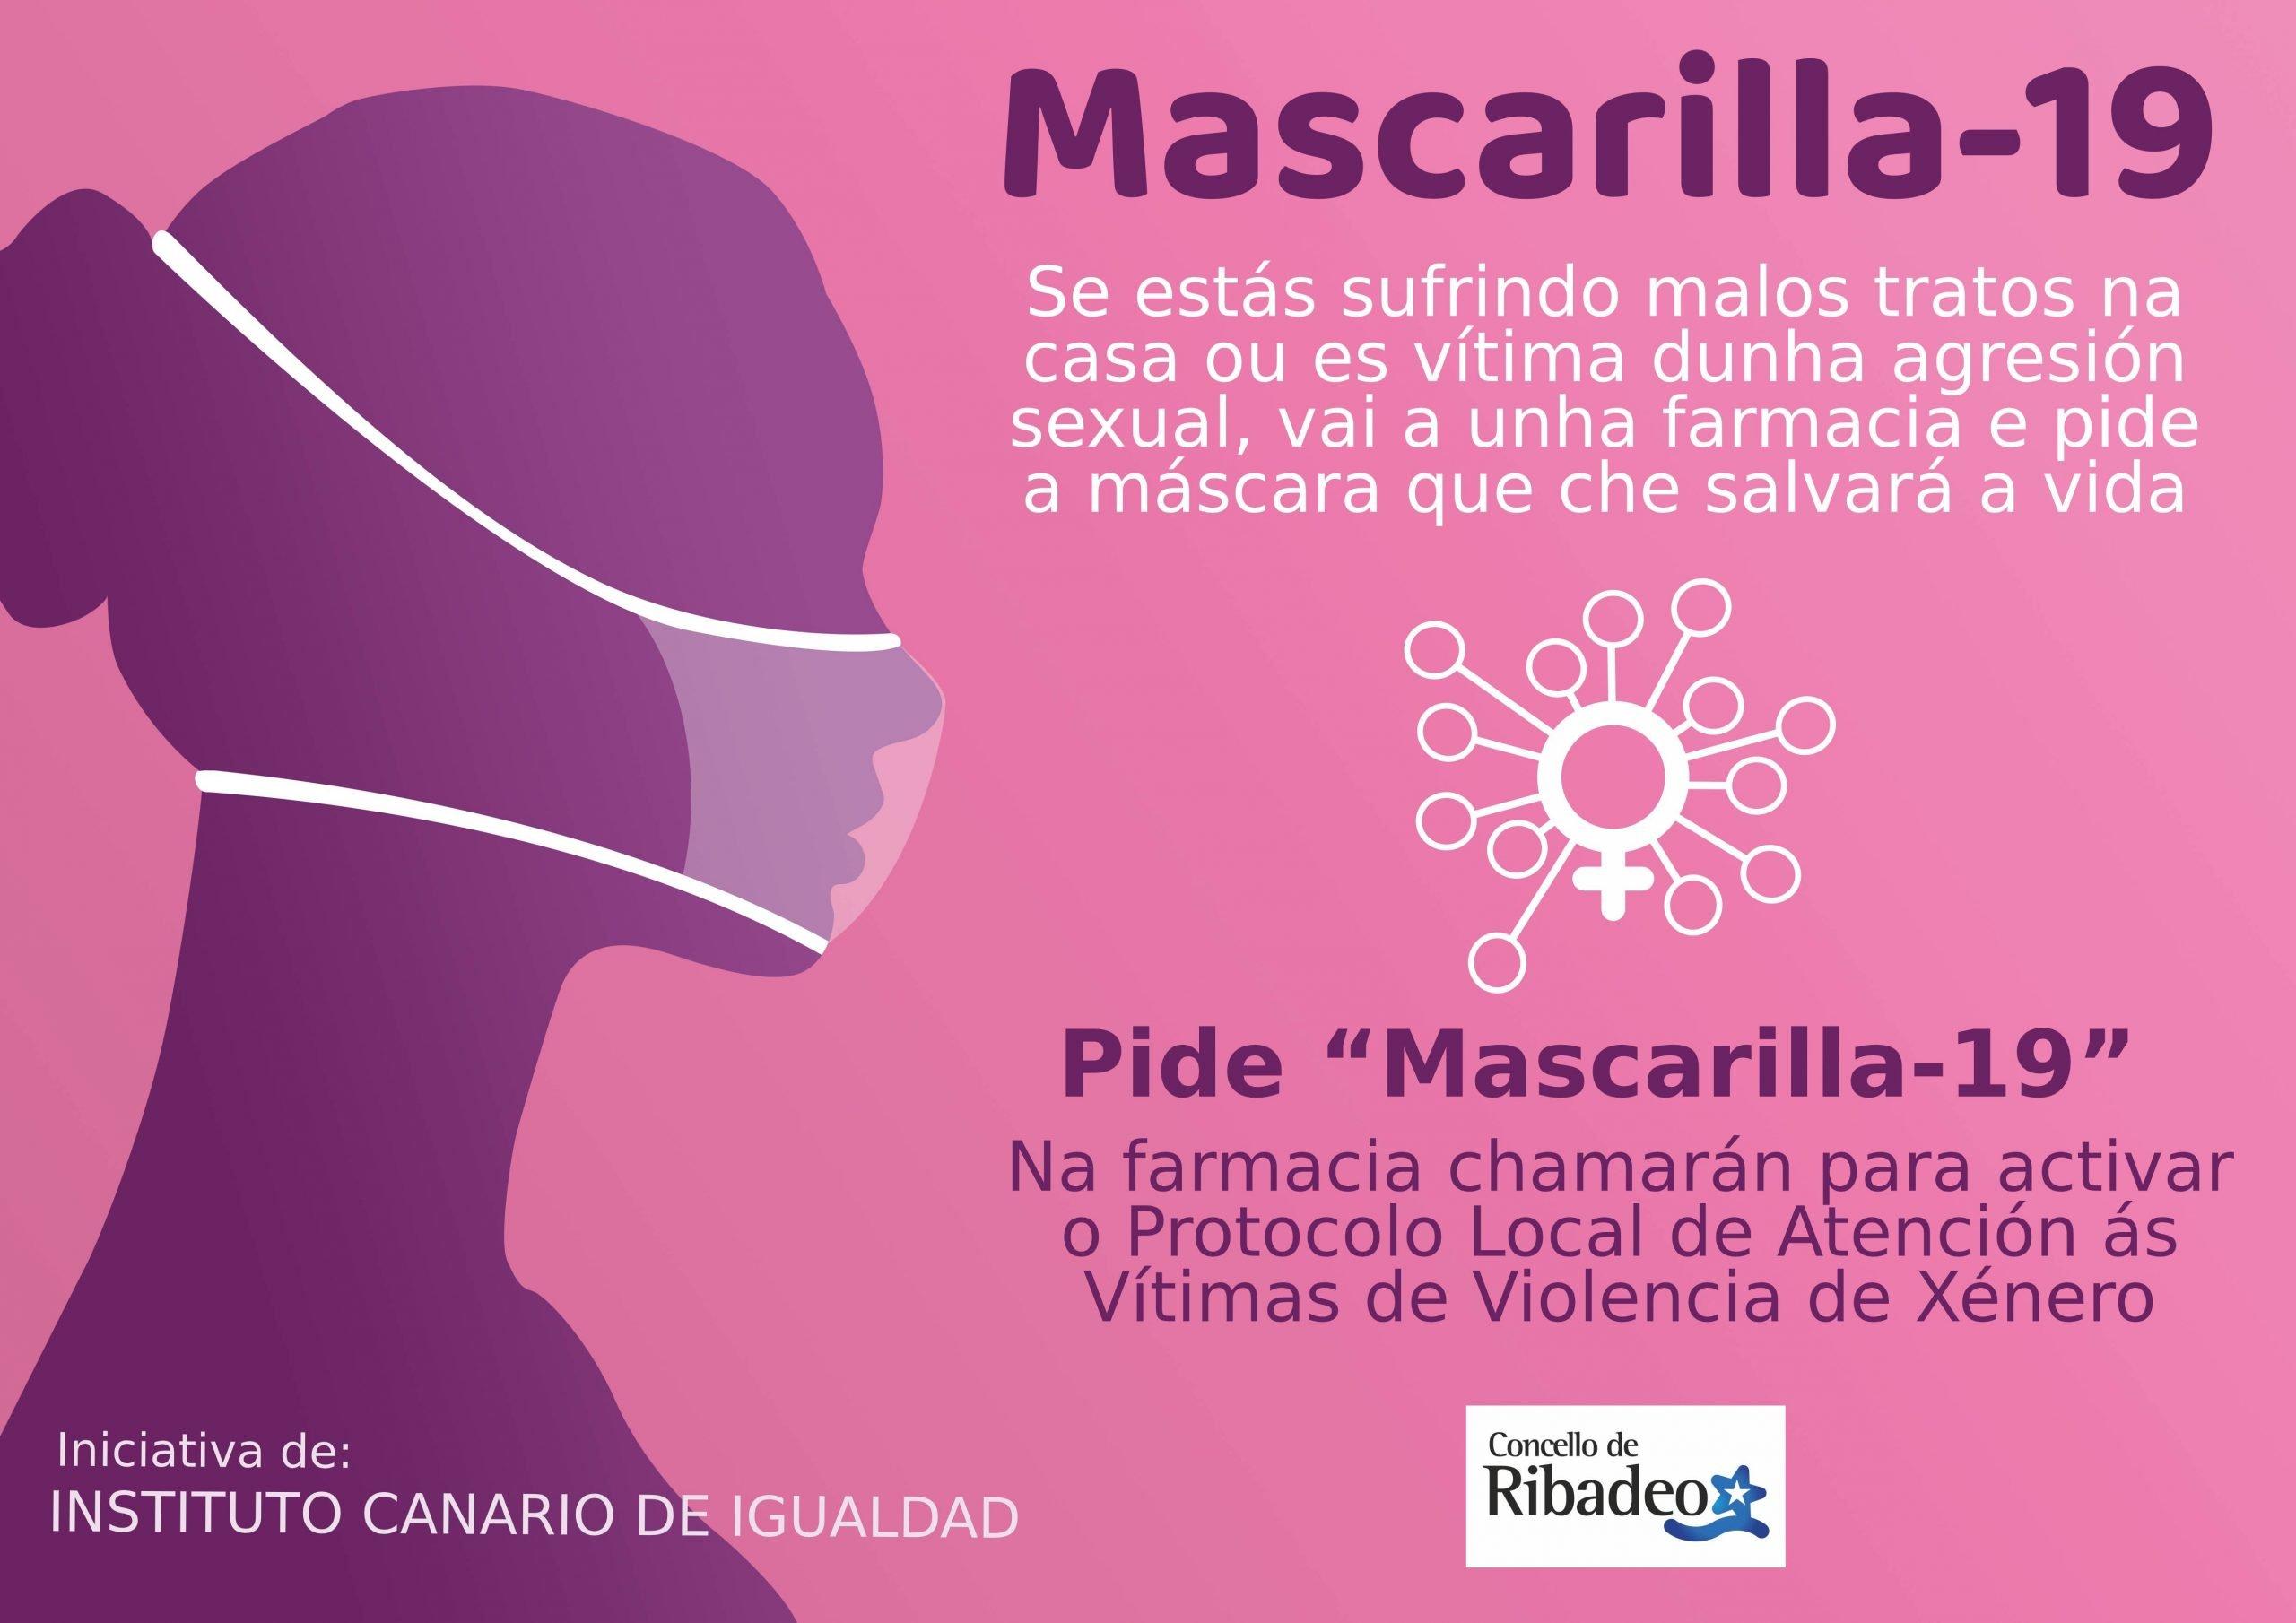 """Campaña """"Mascarilla 19"""" Ribadeo para ayudar a víctimas de violencia de género durante este confinamiento"""